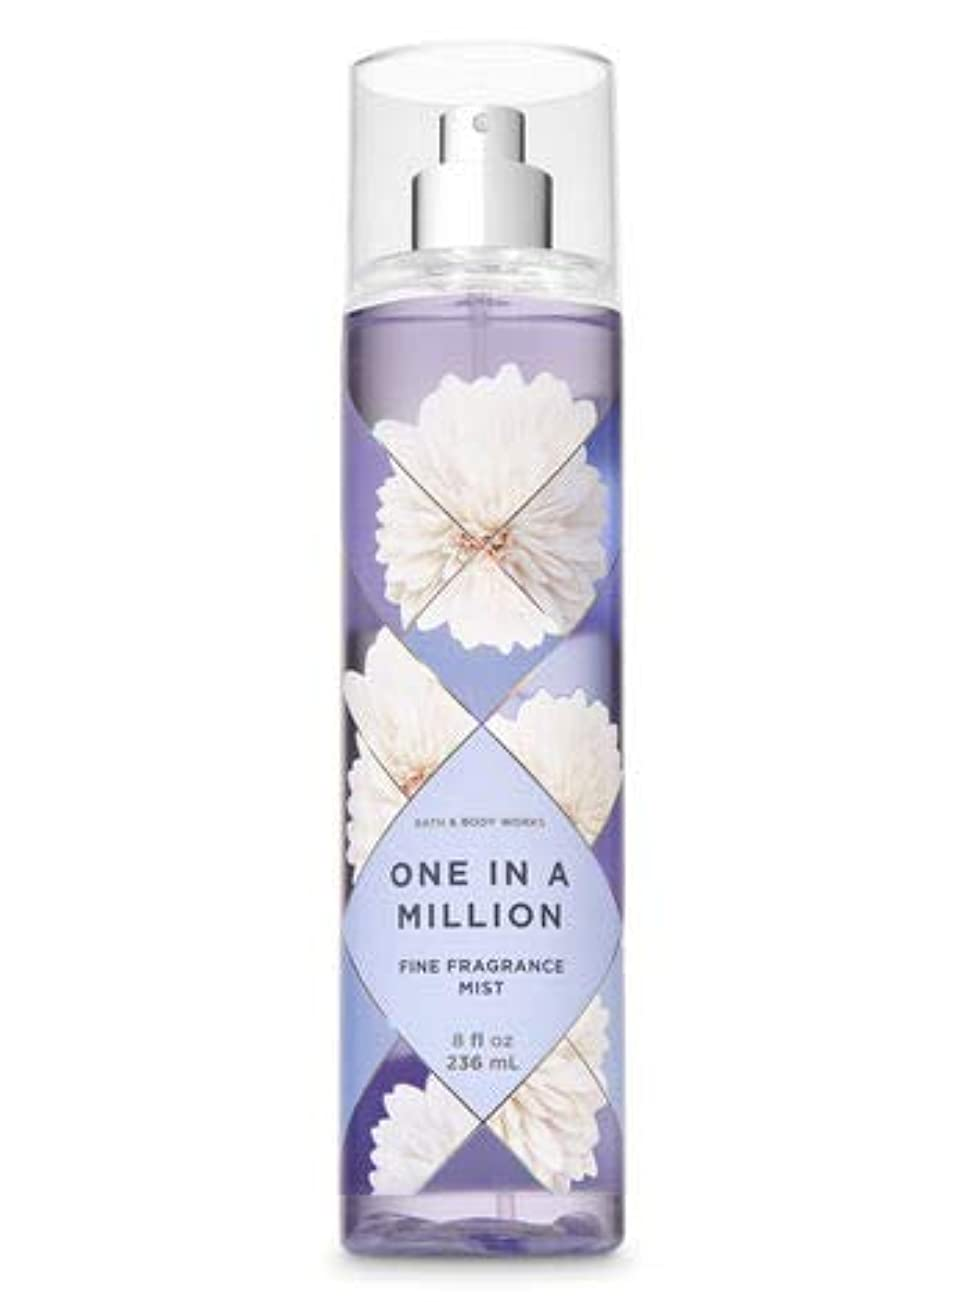 協力的矩形タイピスト【Bath&Body Works/バス&ボディワークス】 ファインフレグランスミスト ワンインアミリオン Fine Fragrance Mist One in a Million 8oz (236ml) [並行輸入品]